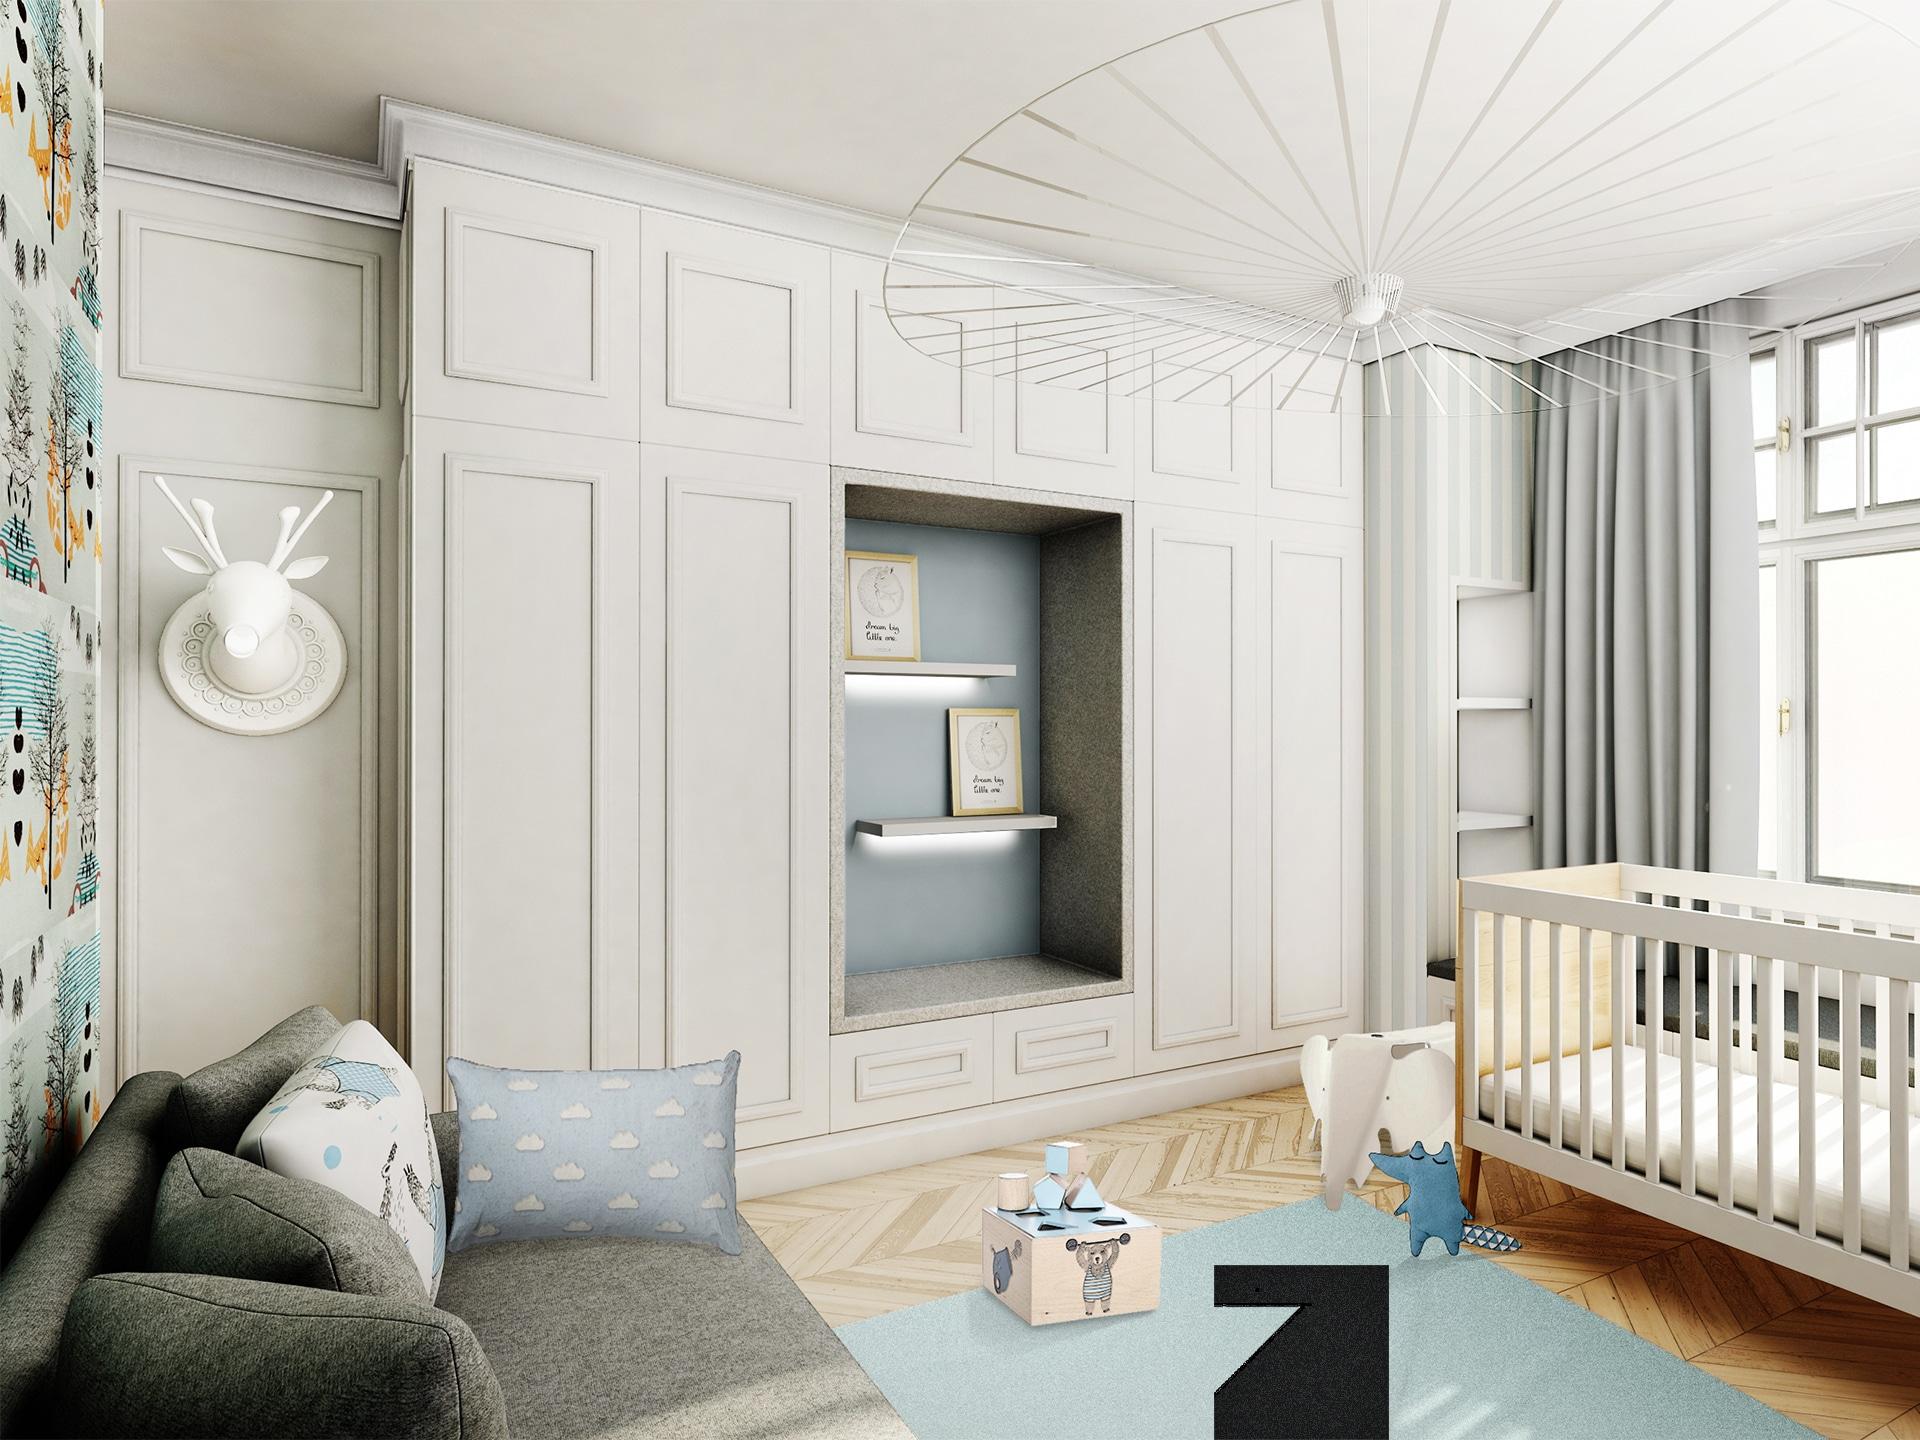 projekt apartamentu w stylu angielskim